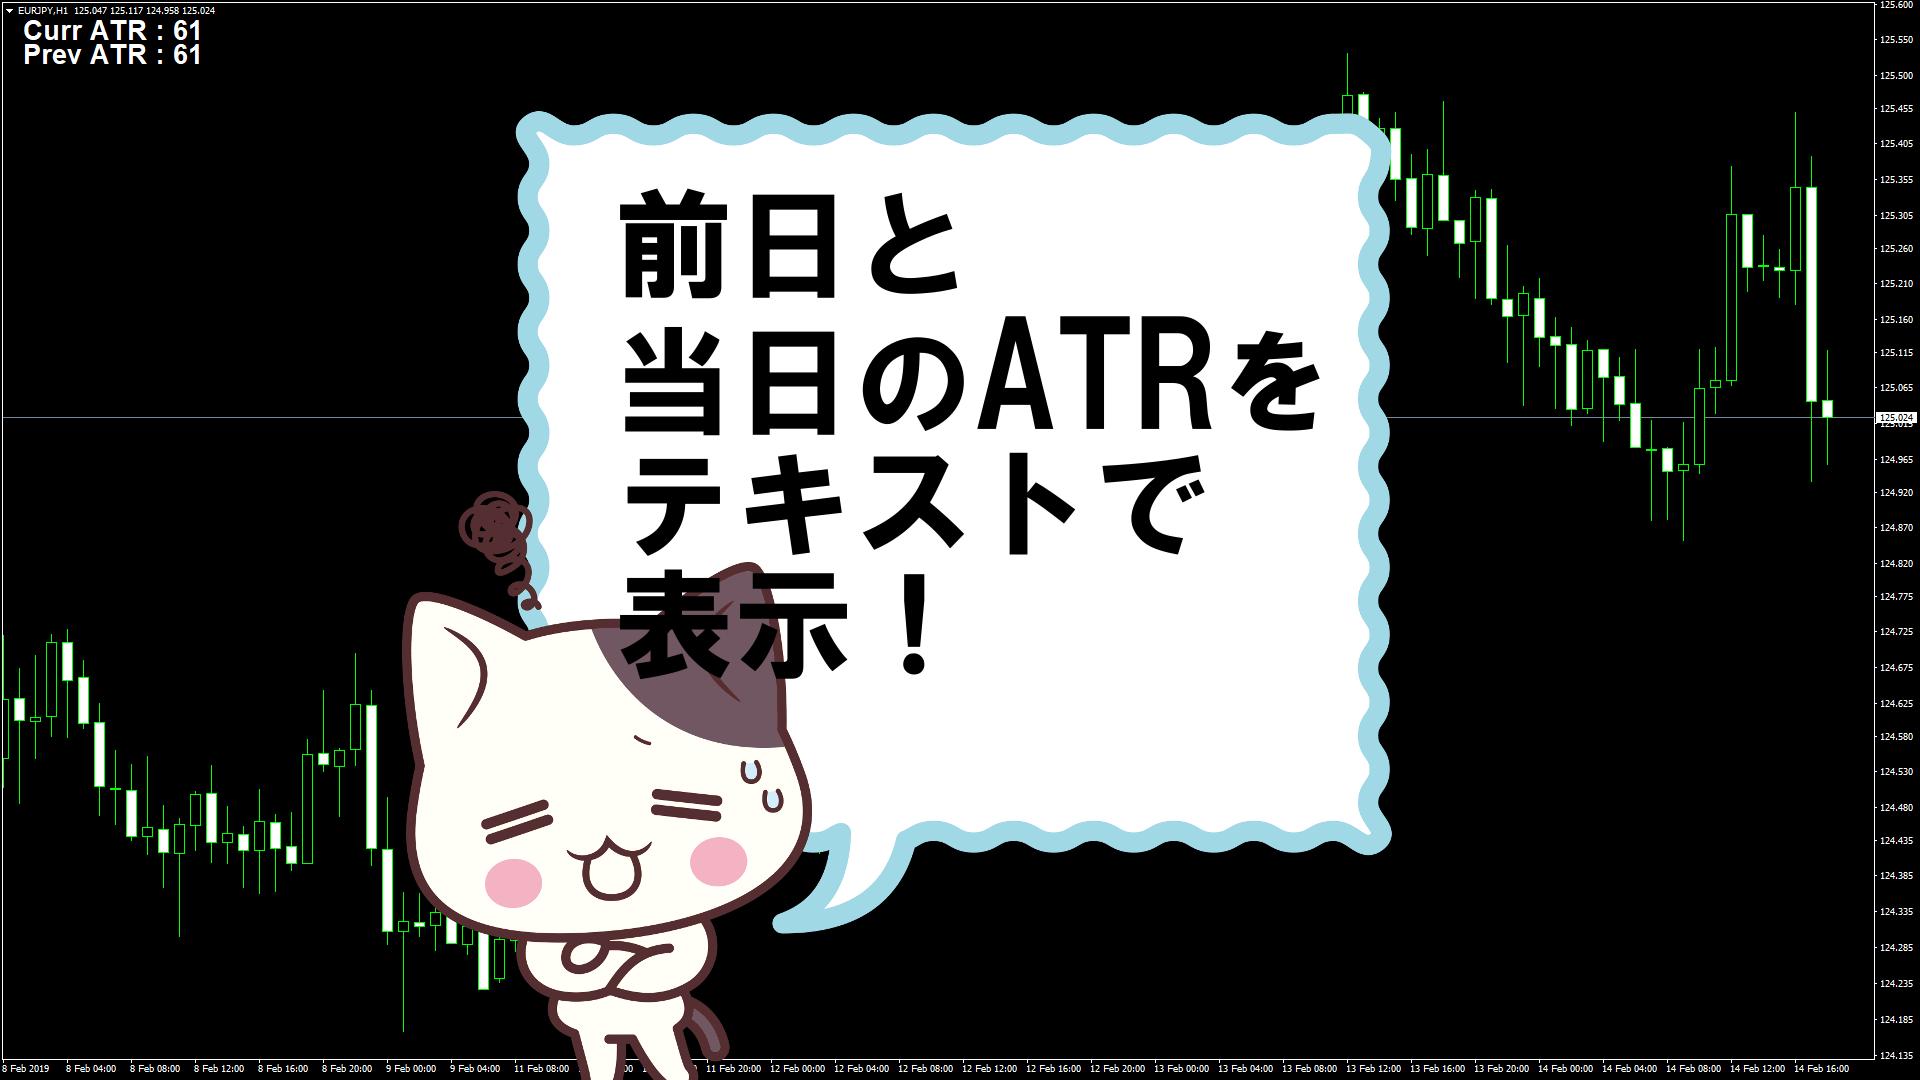 前日と当日のATRをテキストで表示するMT4インジケーター『ATR_Chart_Daily』